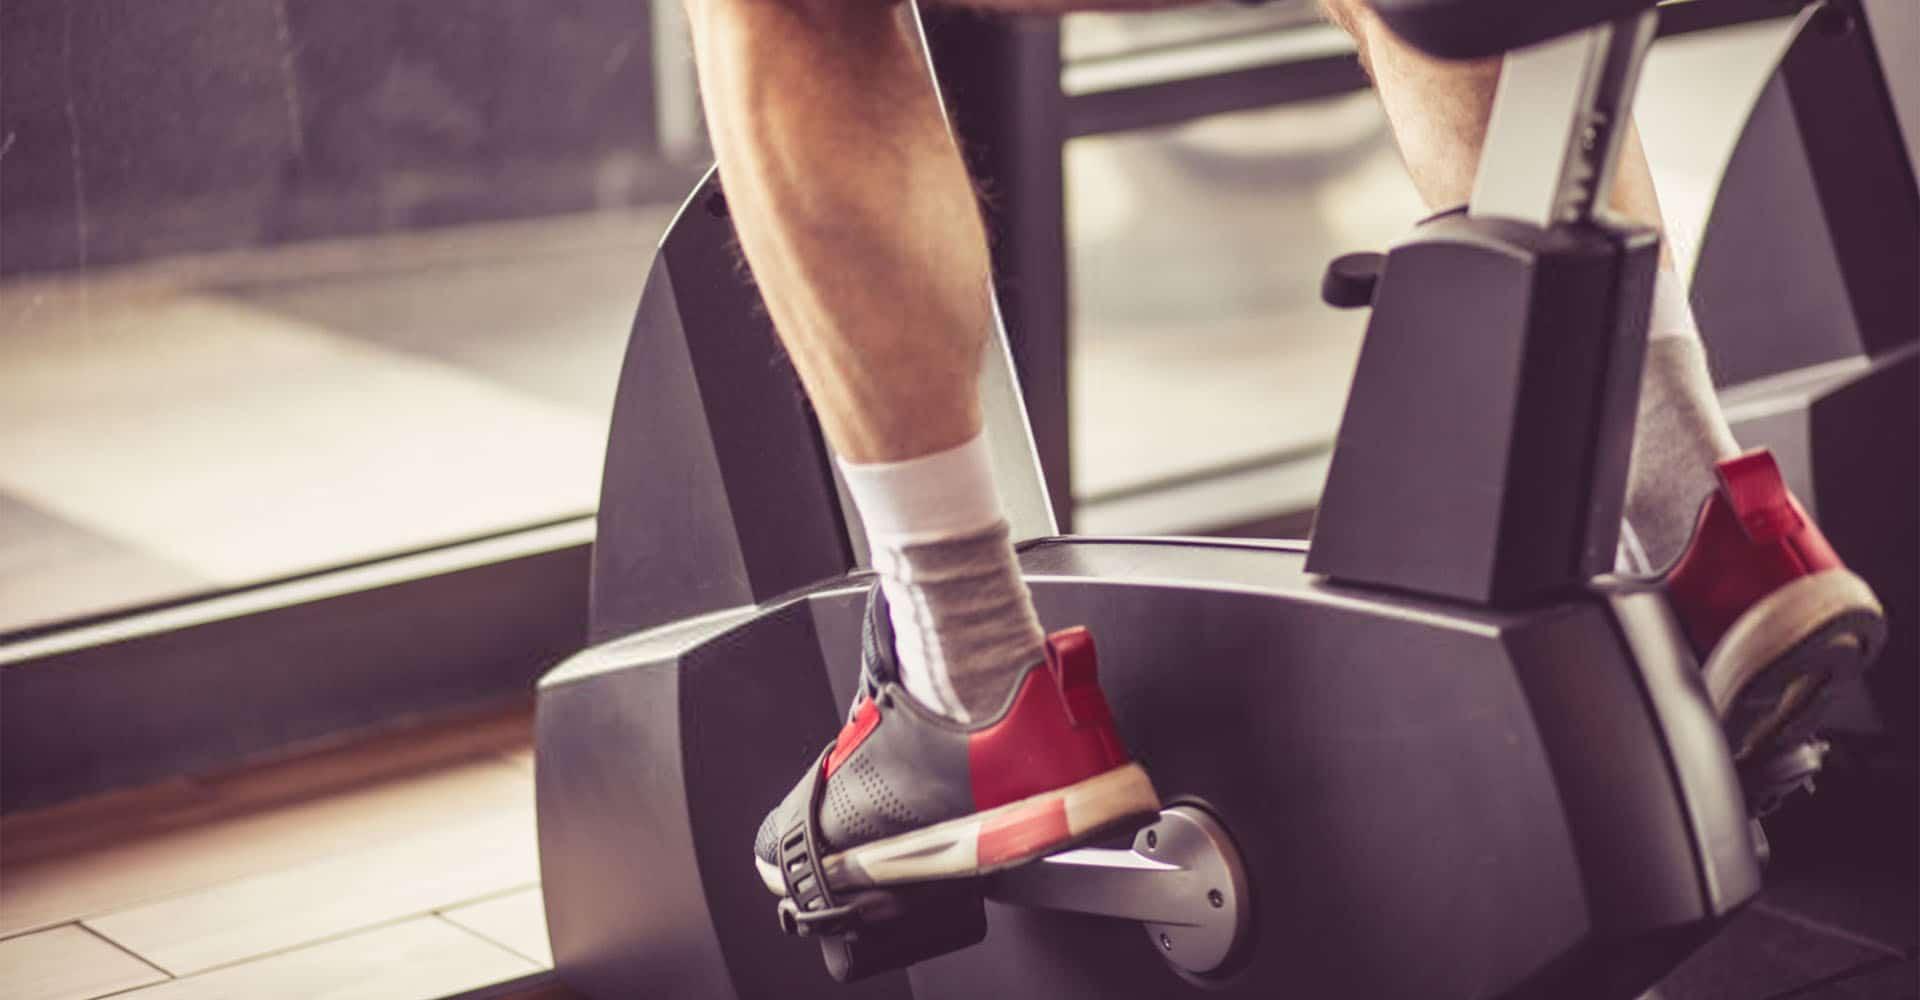 Mann trainiert auf Ergometer mit Trainingsplan